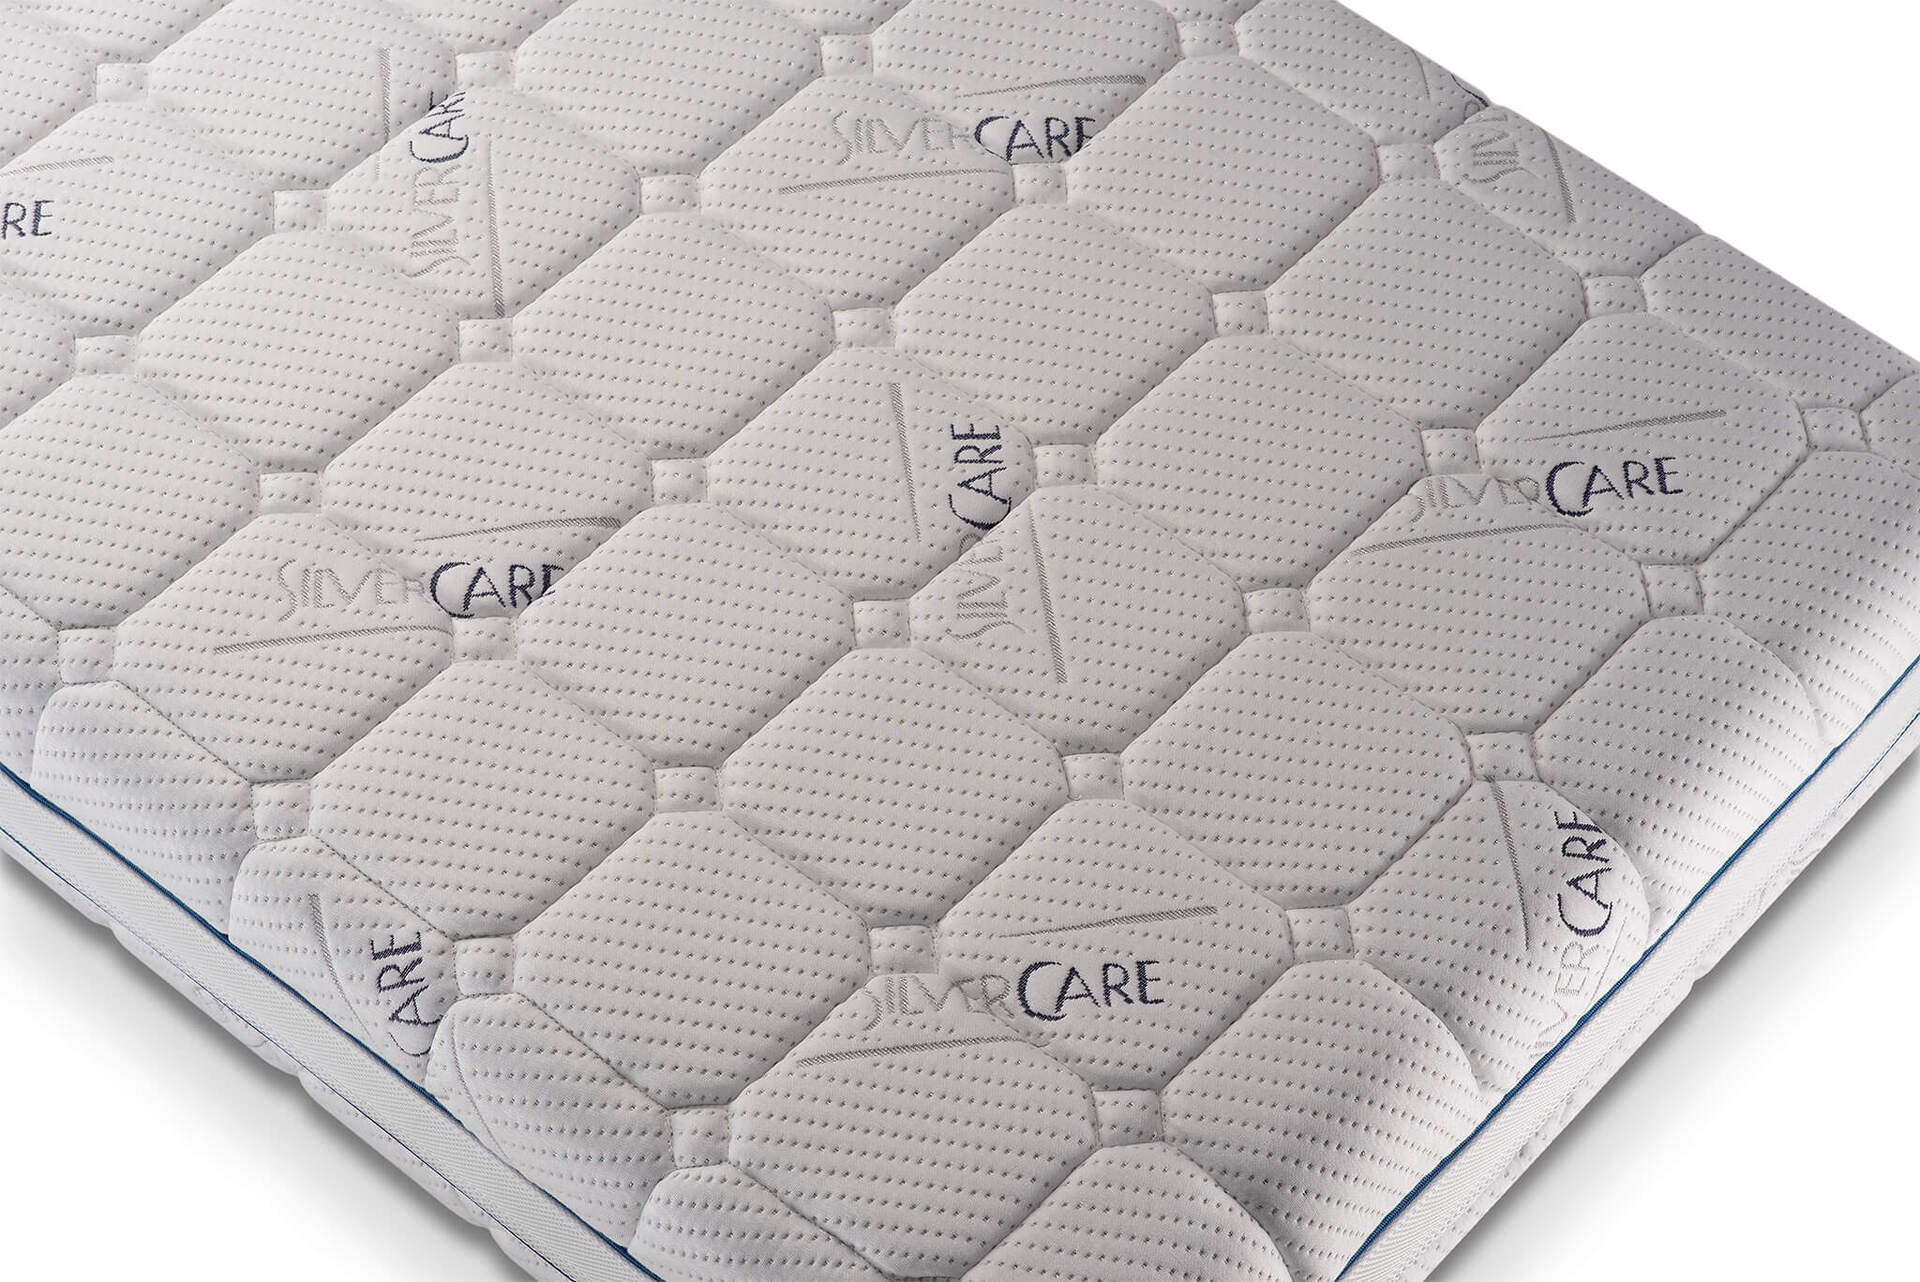 Матрак Silver Care Ortopedic 22 см, двулицев мемори матрак - Sleepy